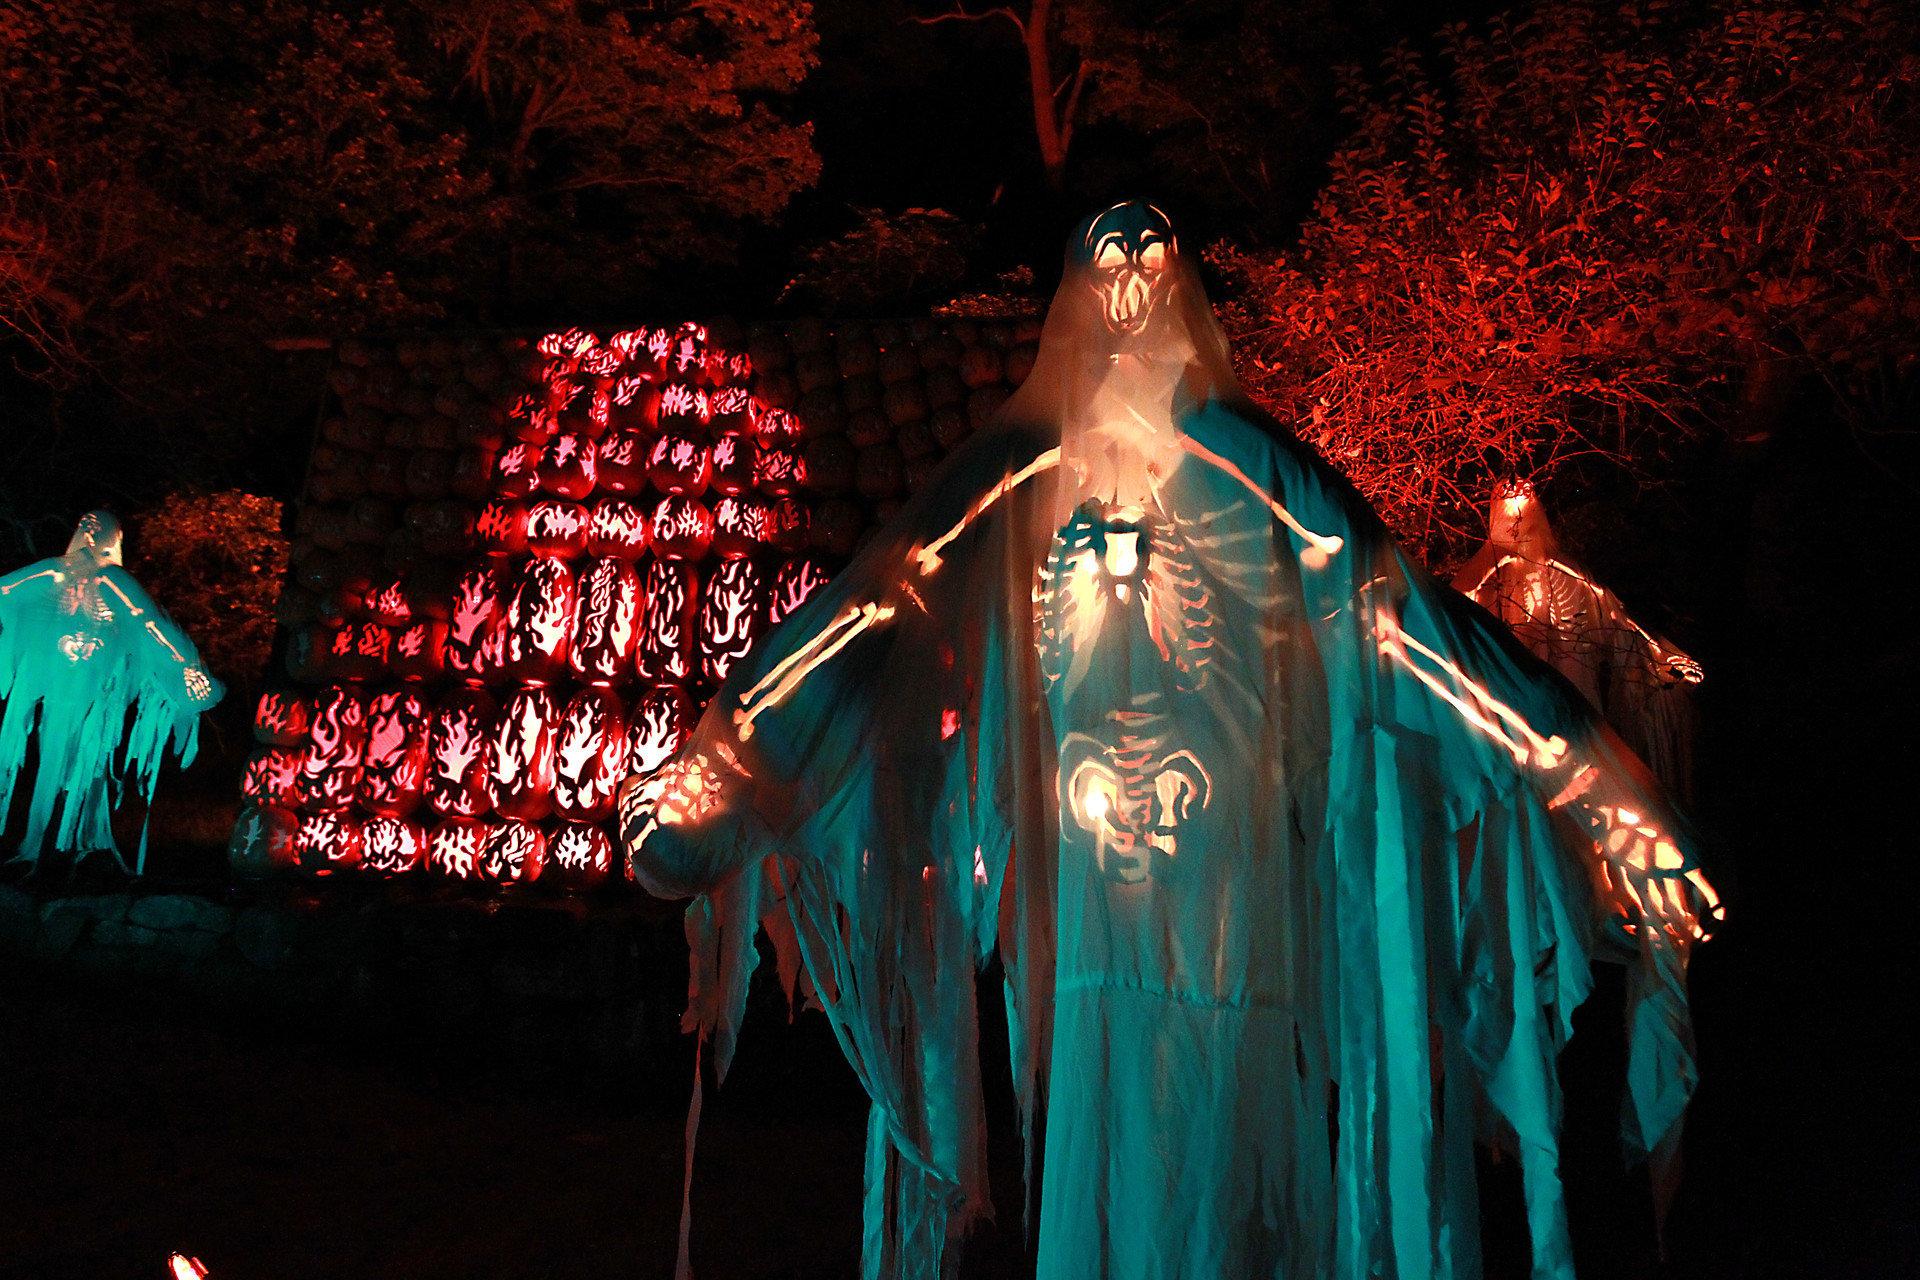 activities art festive halloween lights night pumpkins Trip Ideas color lit performance art dark darkness light musical theatre